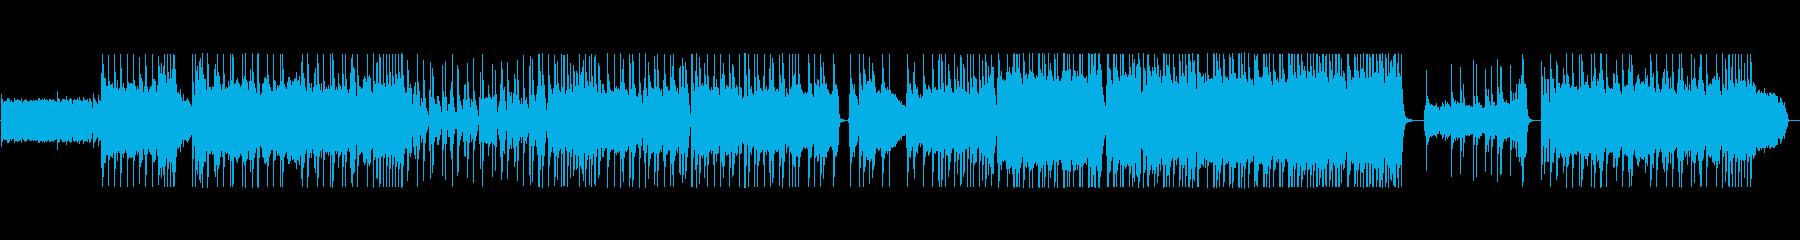 高速カッティング ロックの再生済みの波形